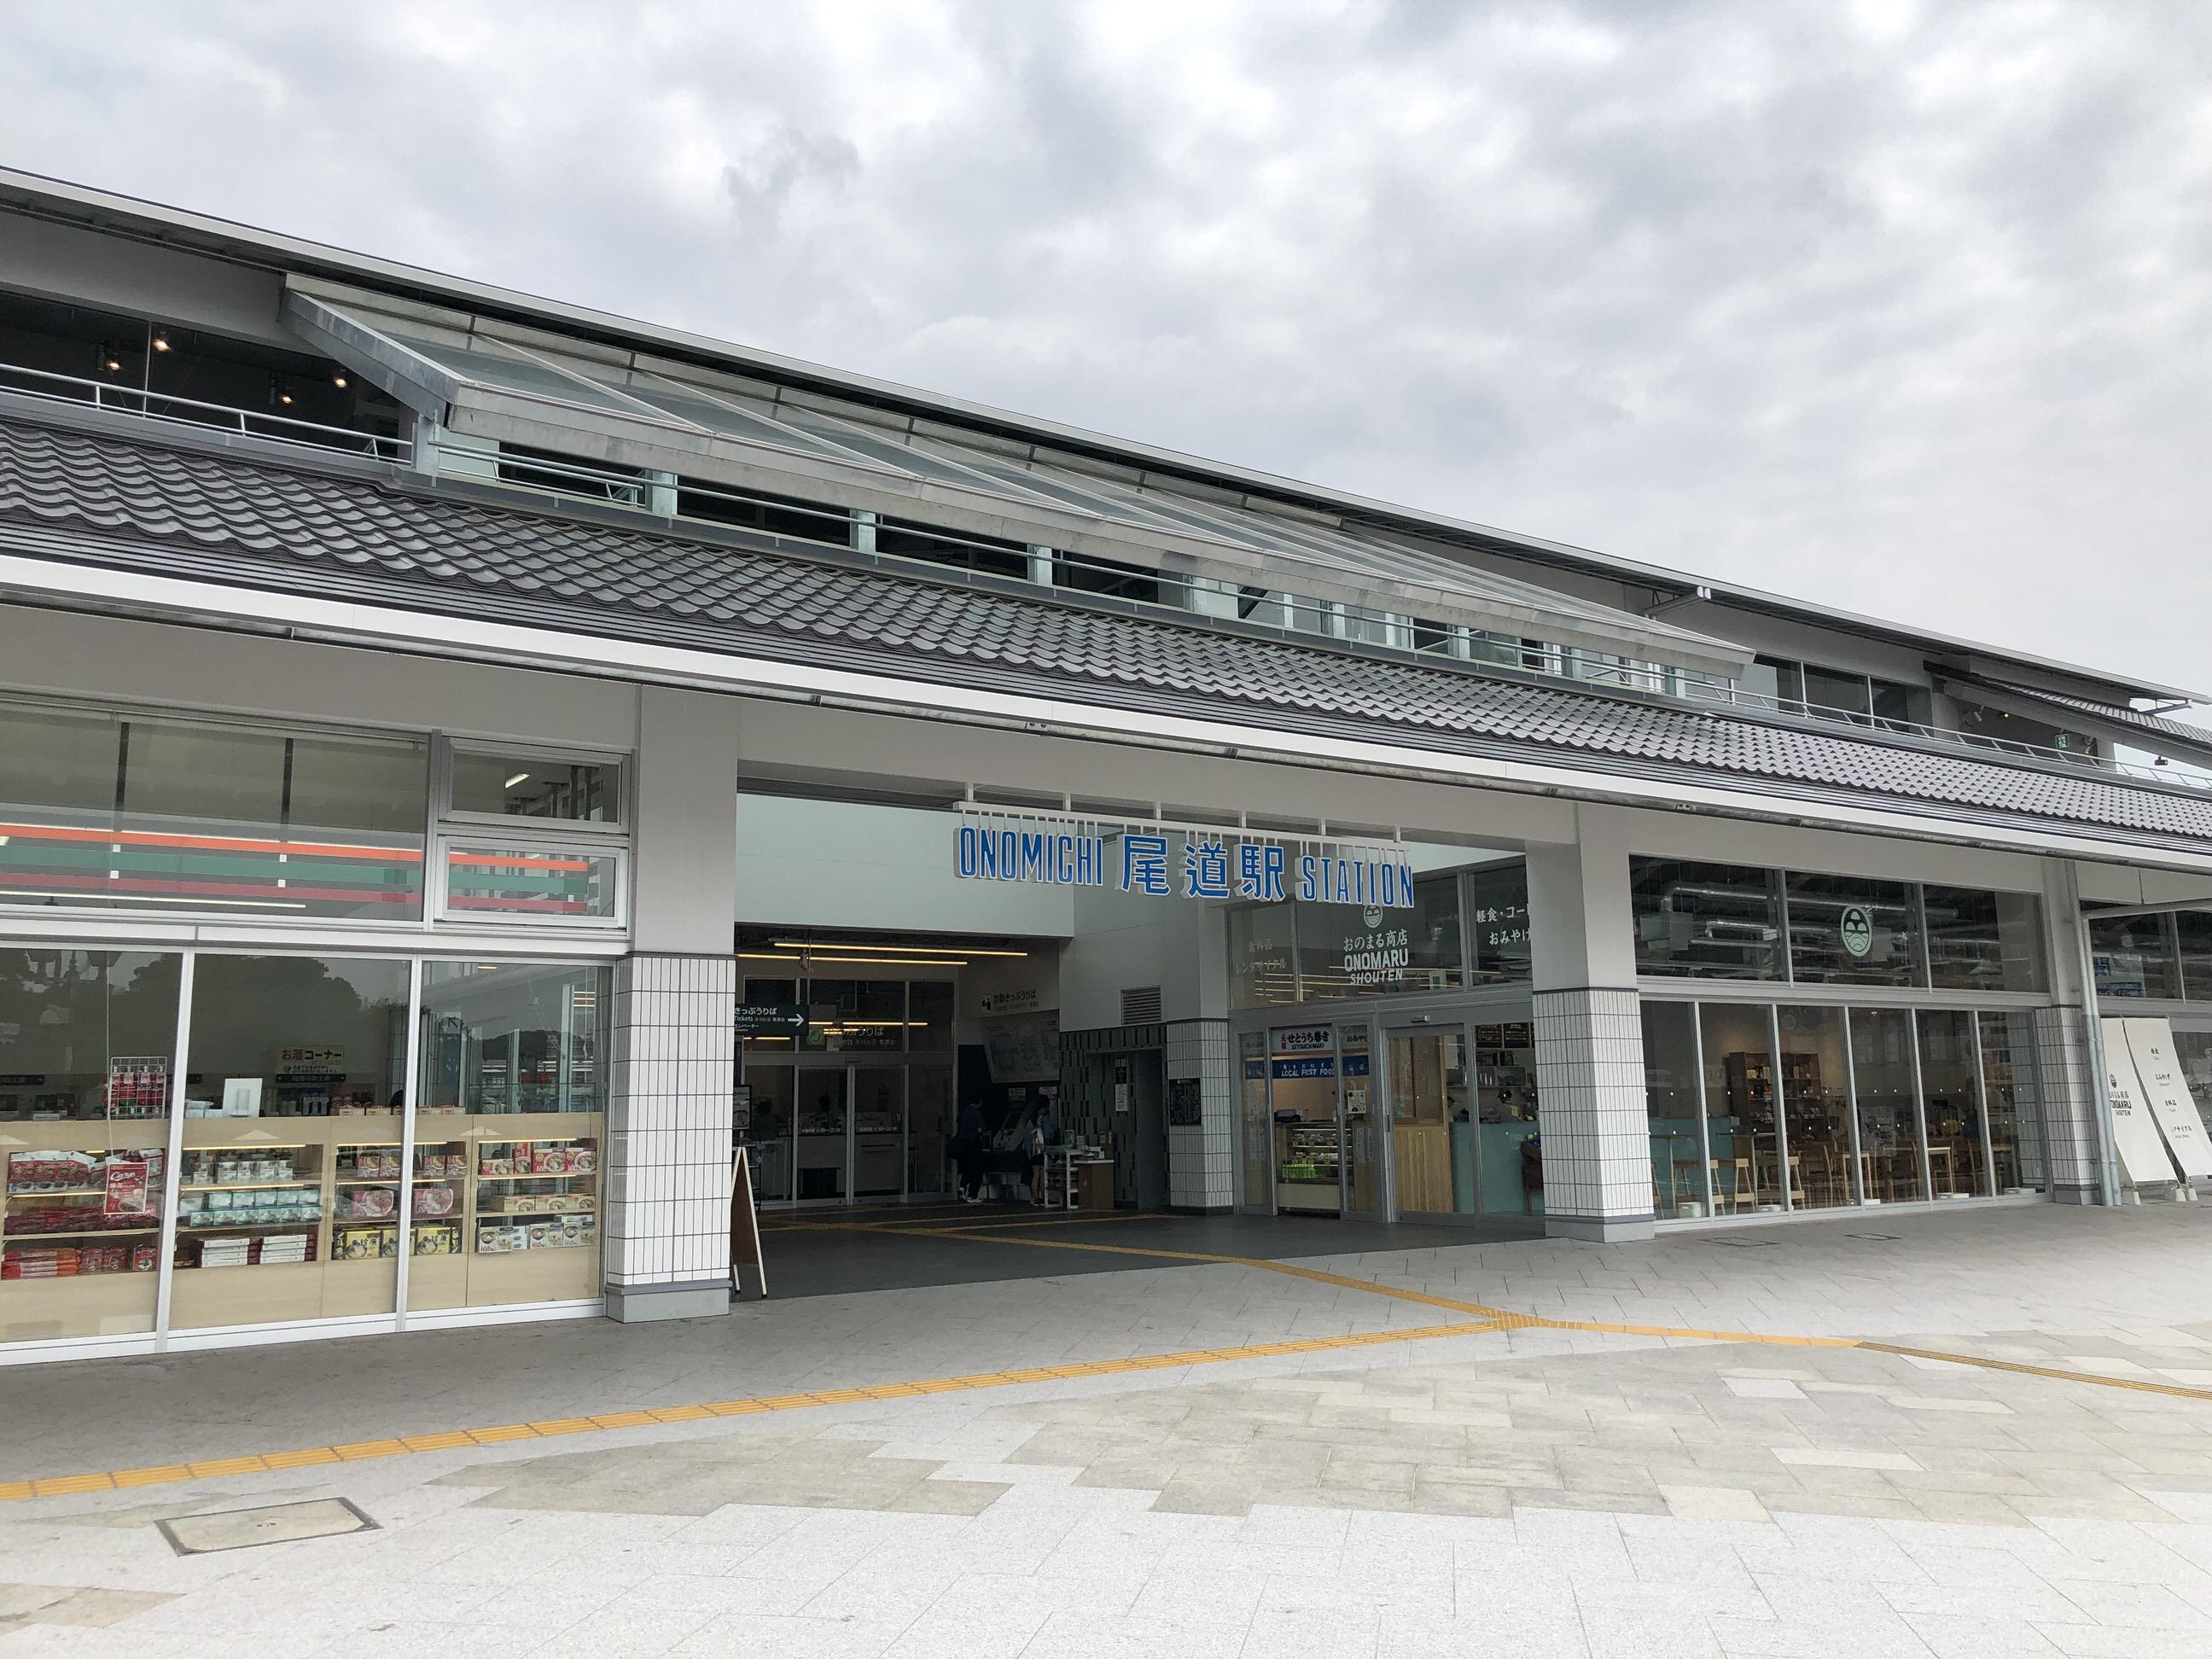 尾道駅 Daily